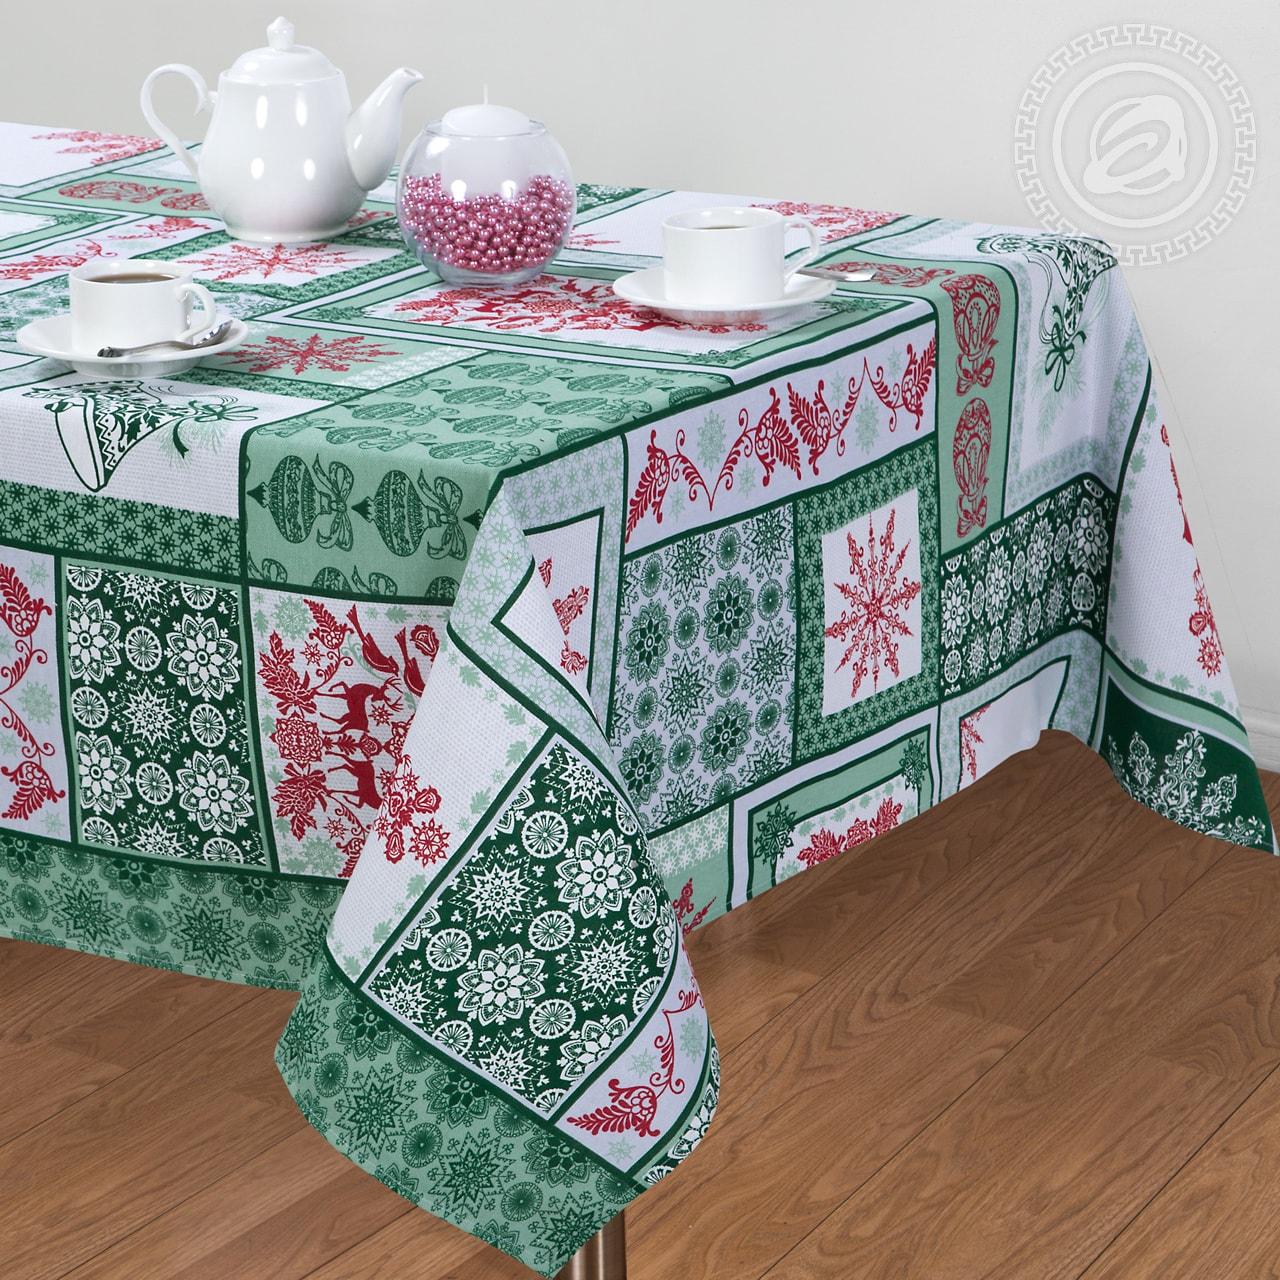 Скатерть прямоугольная АРТ ДИЗАЙН adi418140 260x150